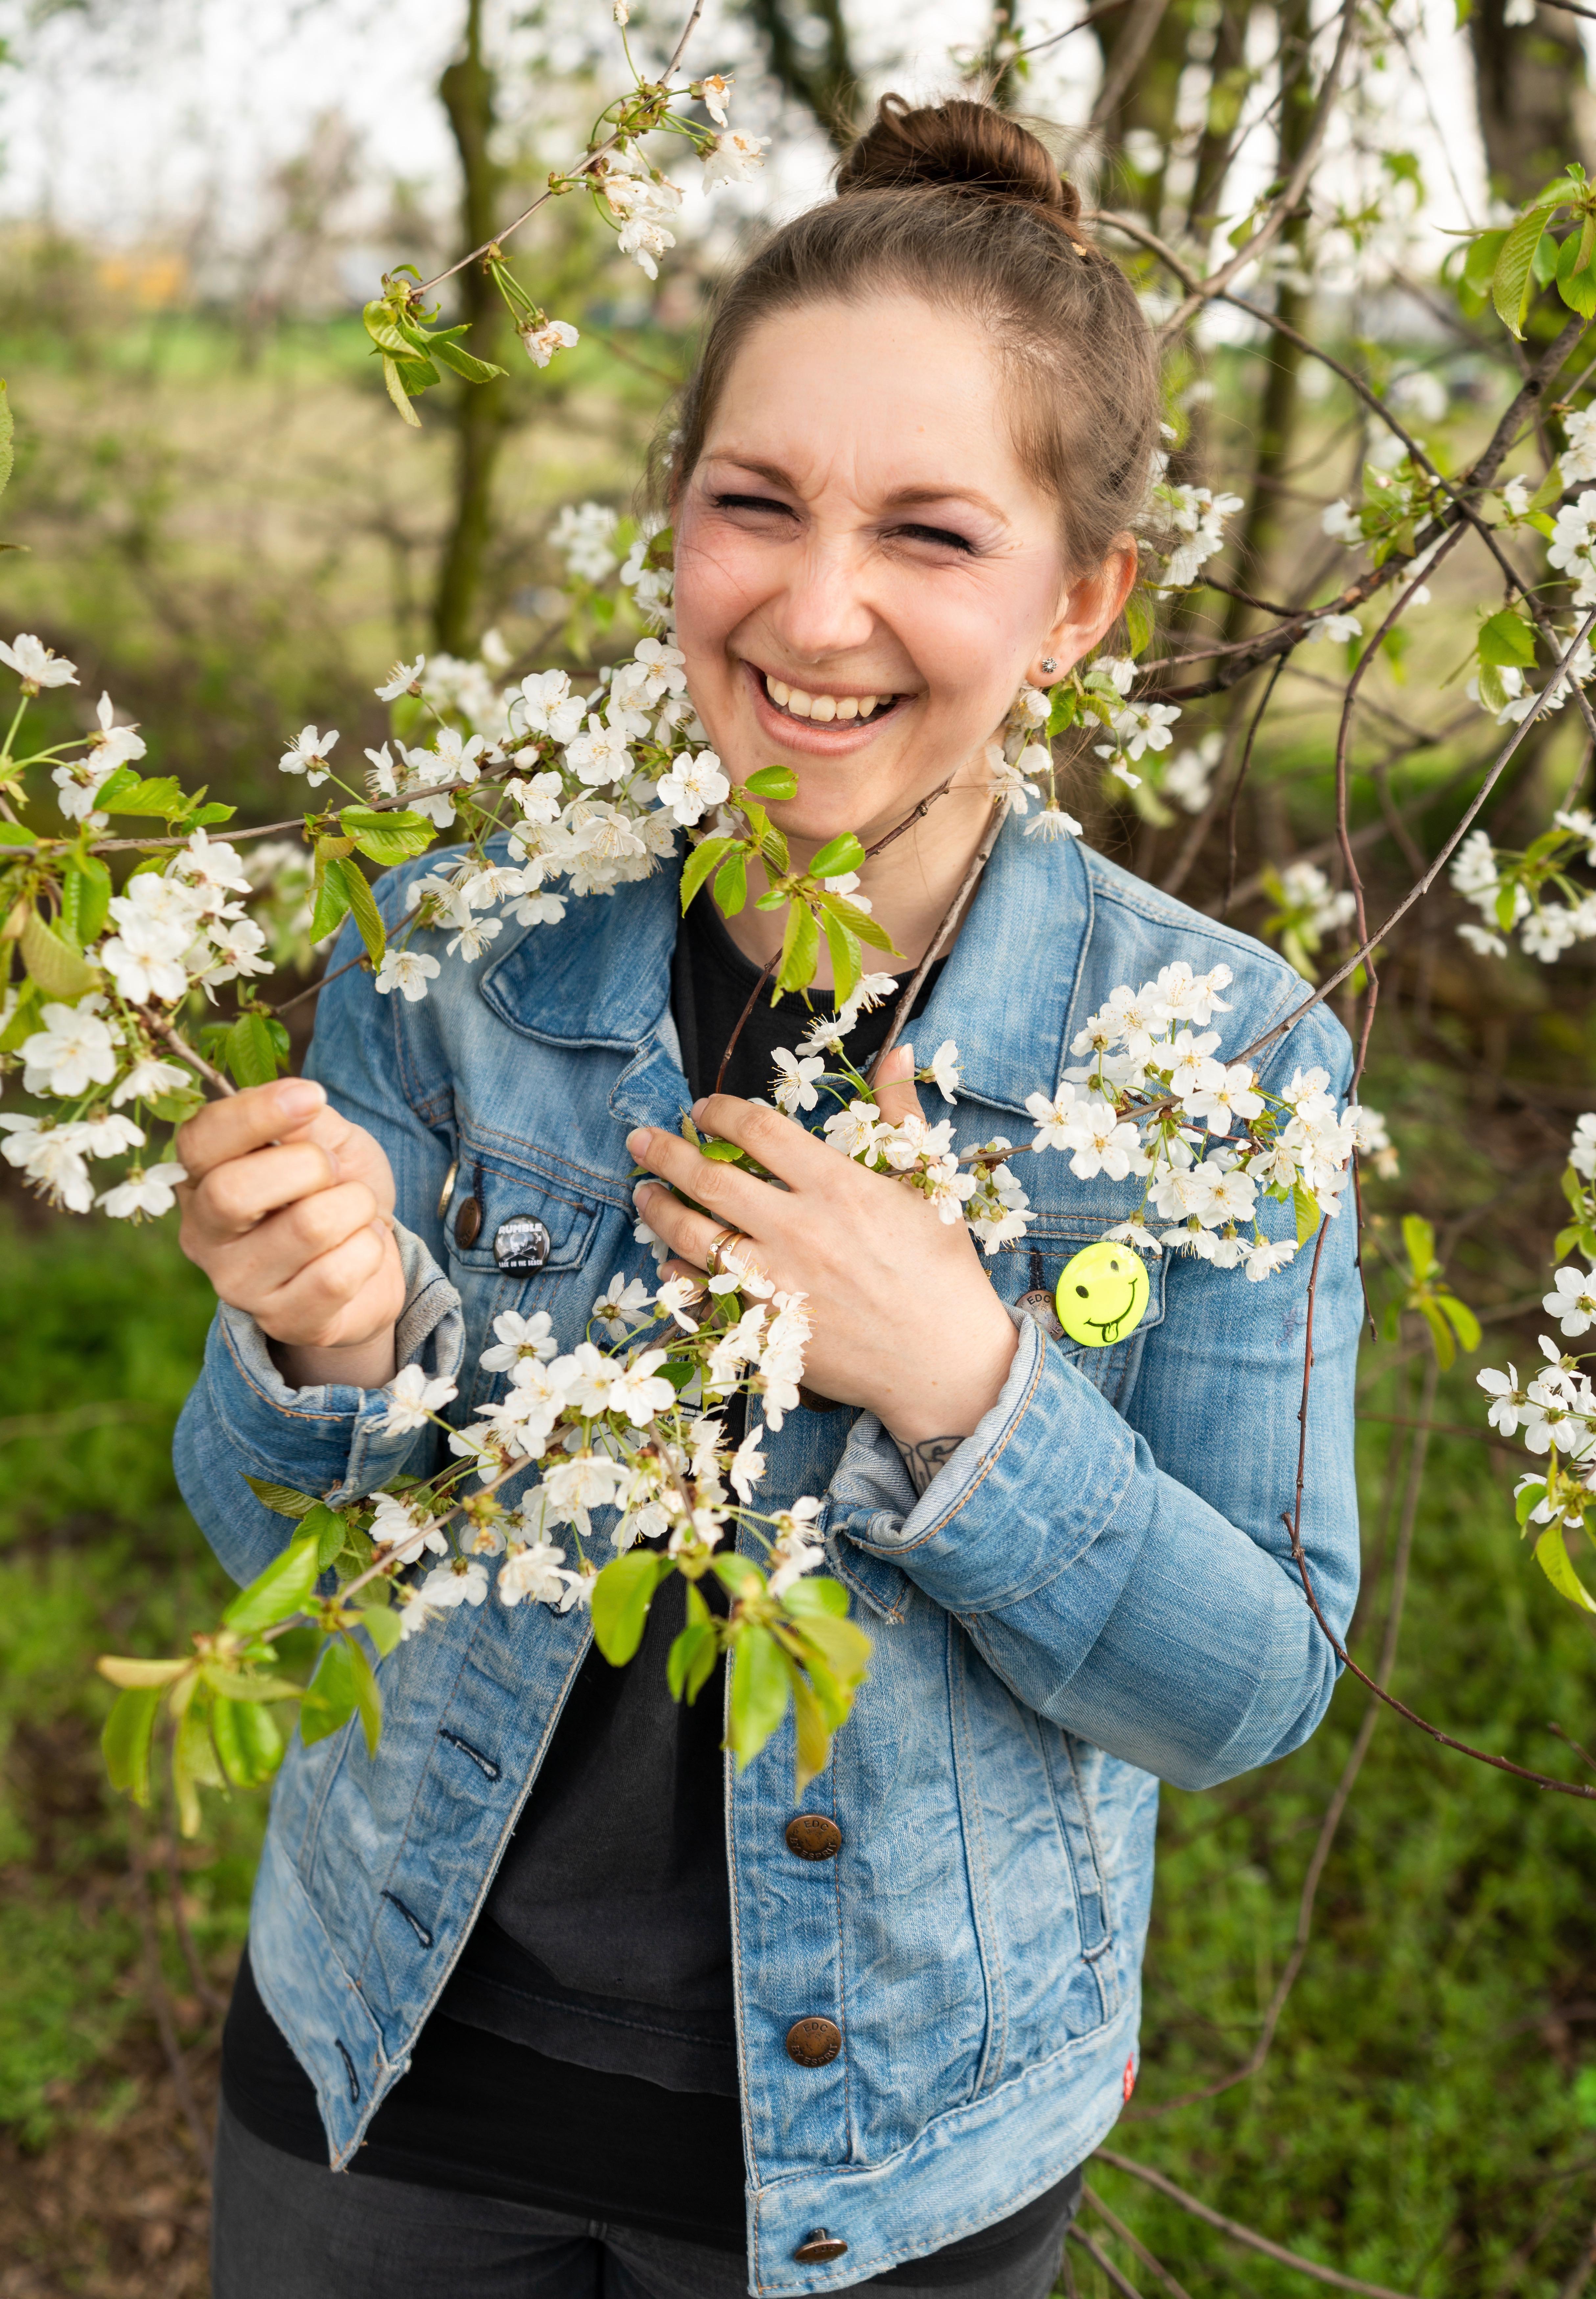 junge, lachende Frau mit Dutt und Jeansjacke hält Ast mit weissen Blüten in den Händen